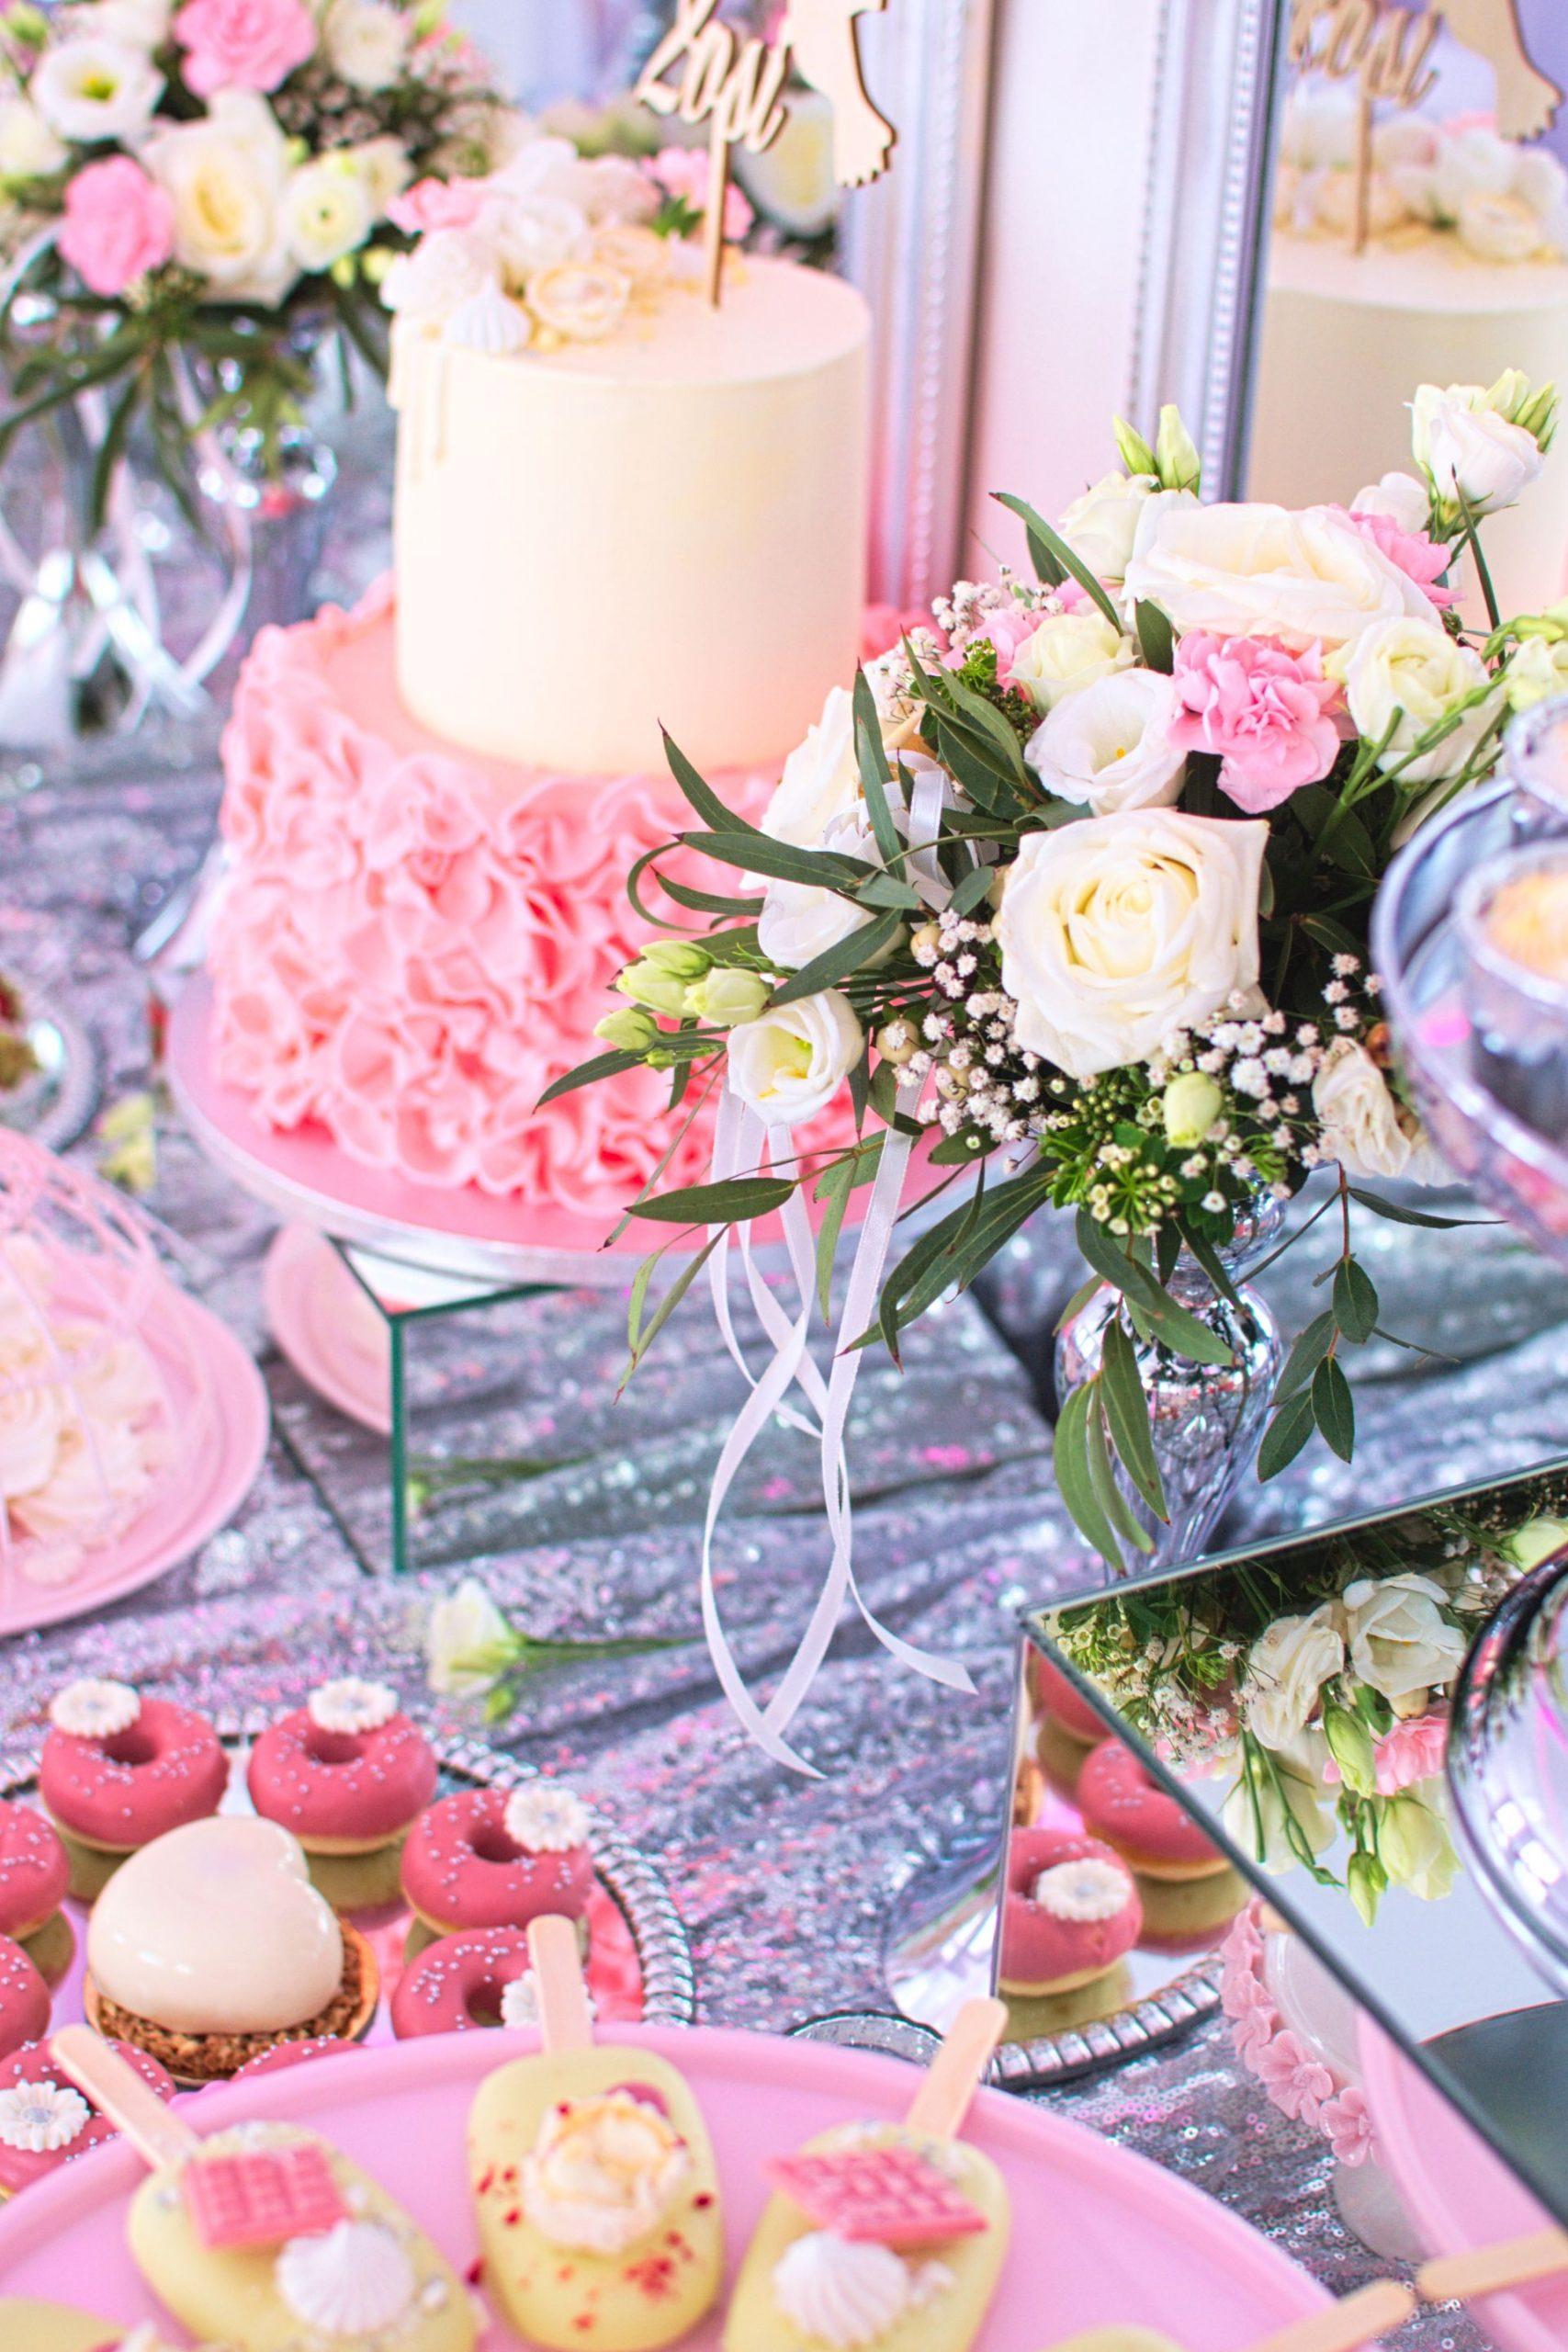 Słodki stół przygotowany na chrzciny Zosi